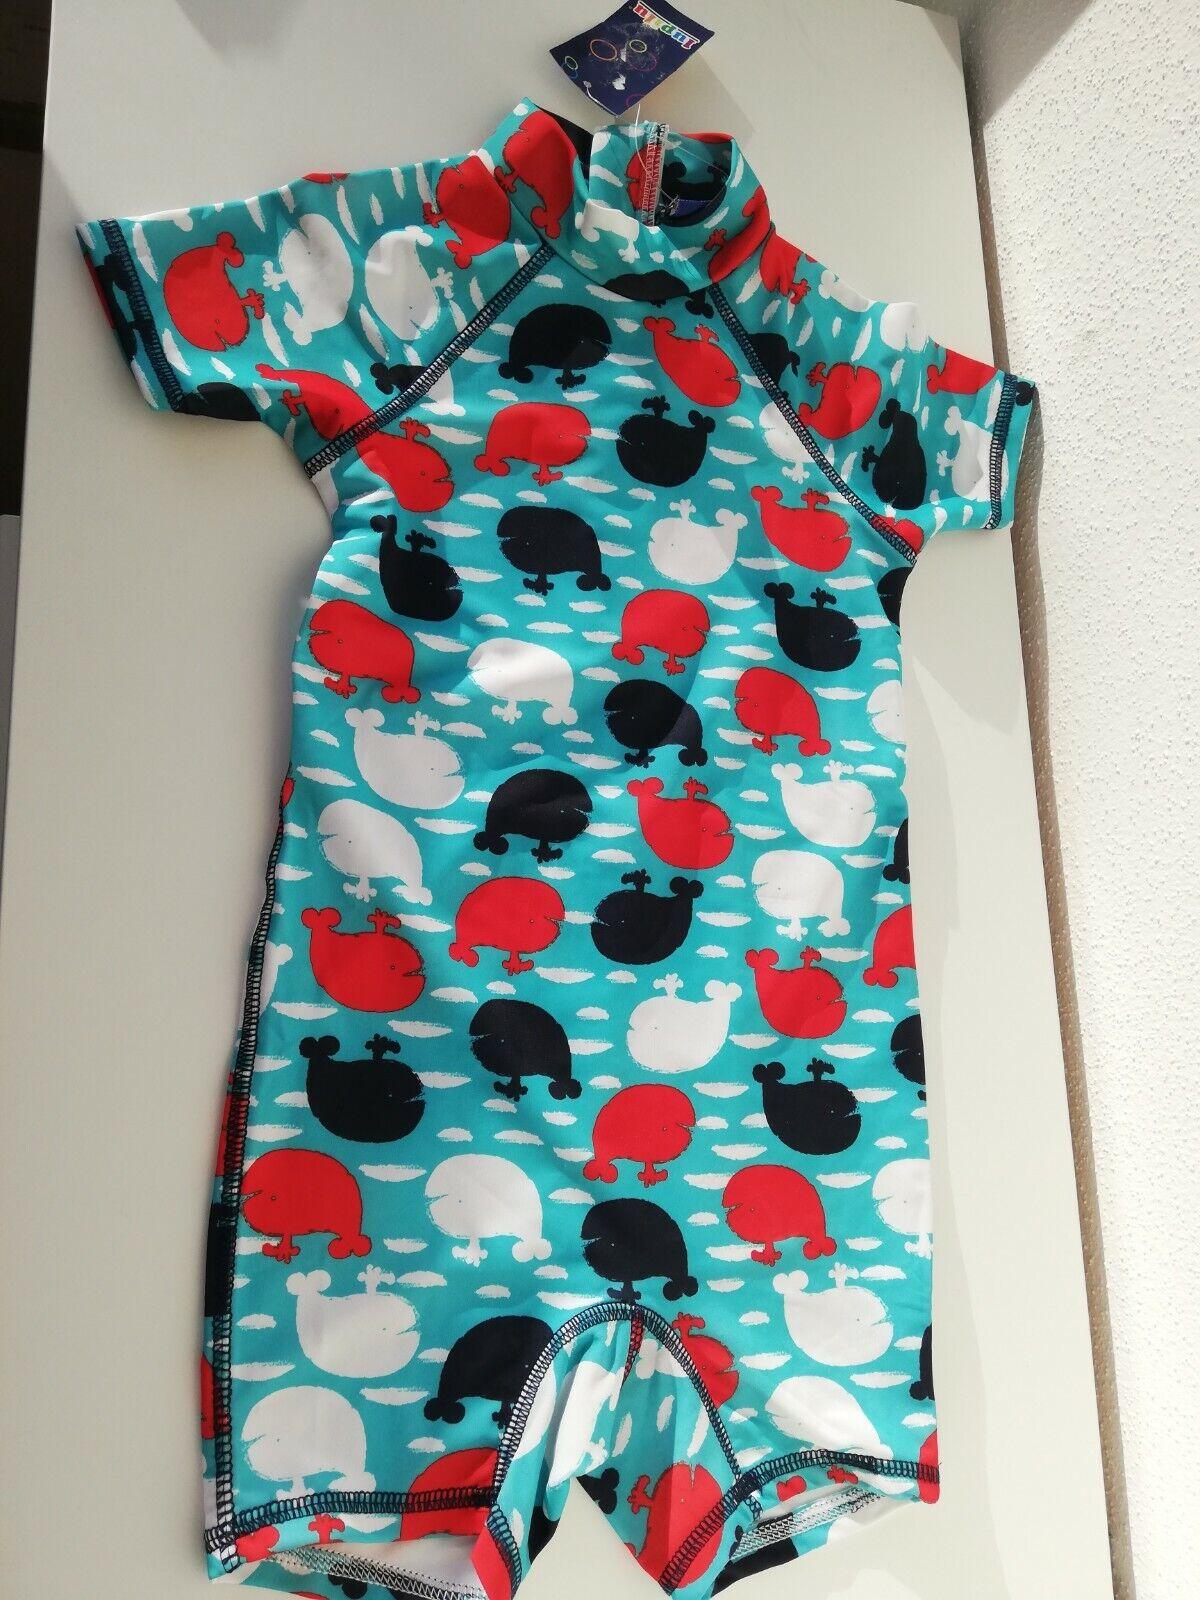 Jungen UV-Set UV-Schutz-Anzug Badekleidung UV-Schutz 50 - Gr 98 104 Lupilu® *Neu